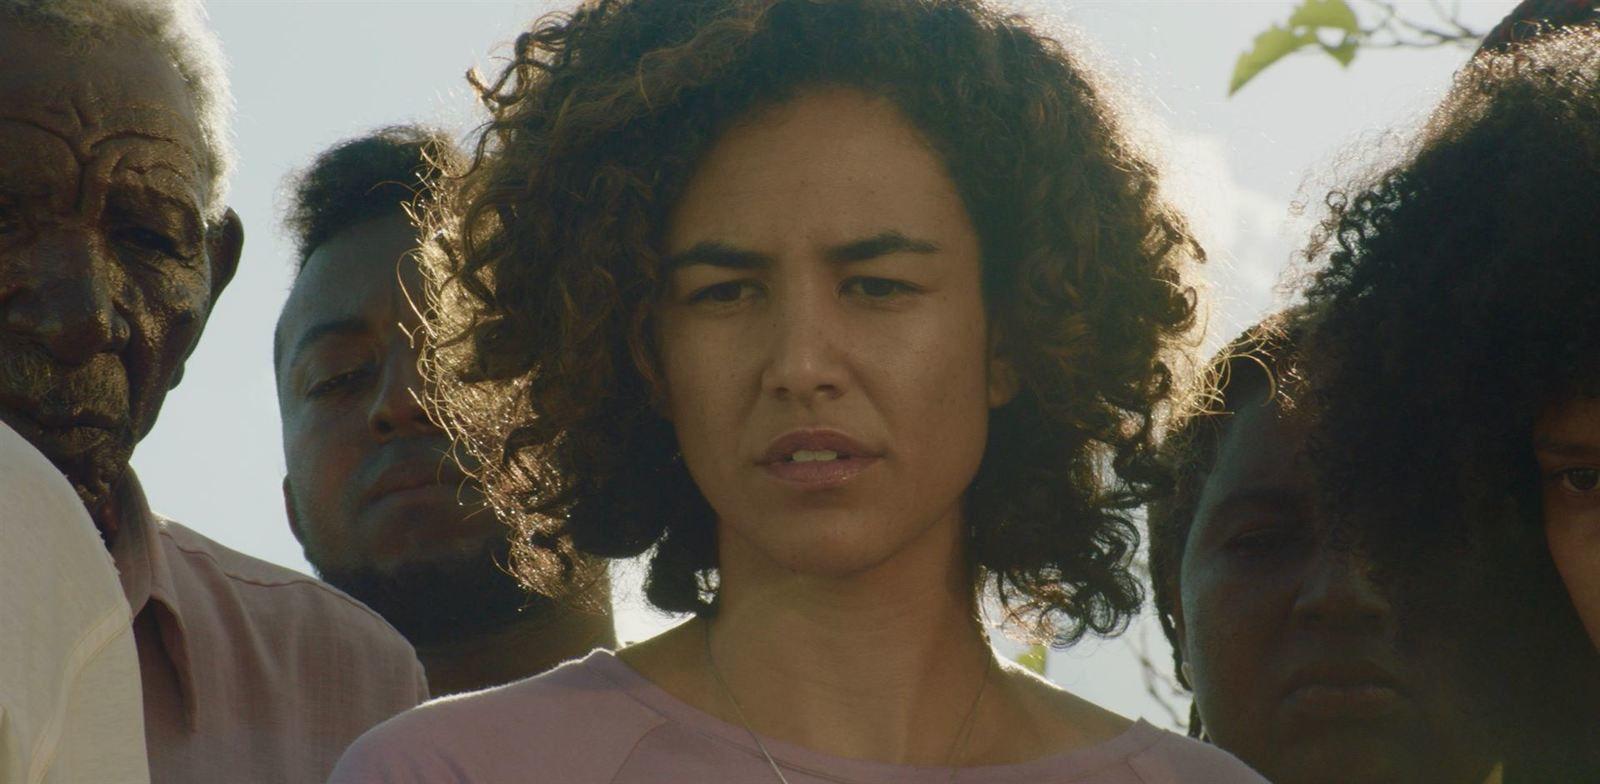 Bacurau (BANDE-ANNONCE) de Kleber Mendonça Filho et Juliano Dornelles - Le 25 septembre 2019 au cinéma (CANNES 2019)